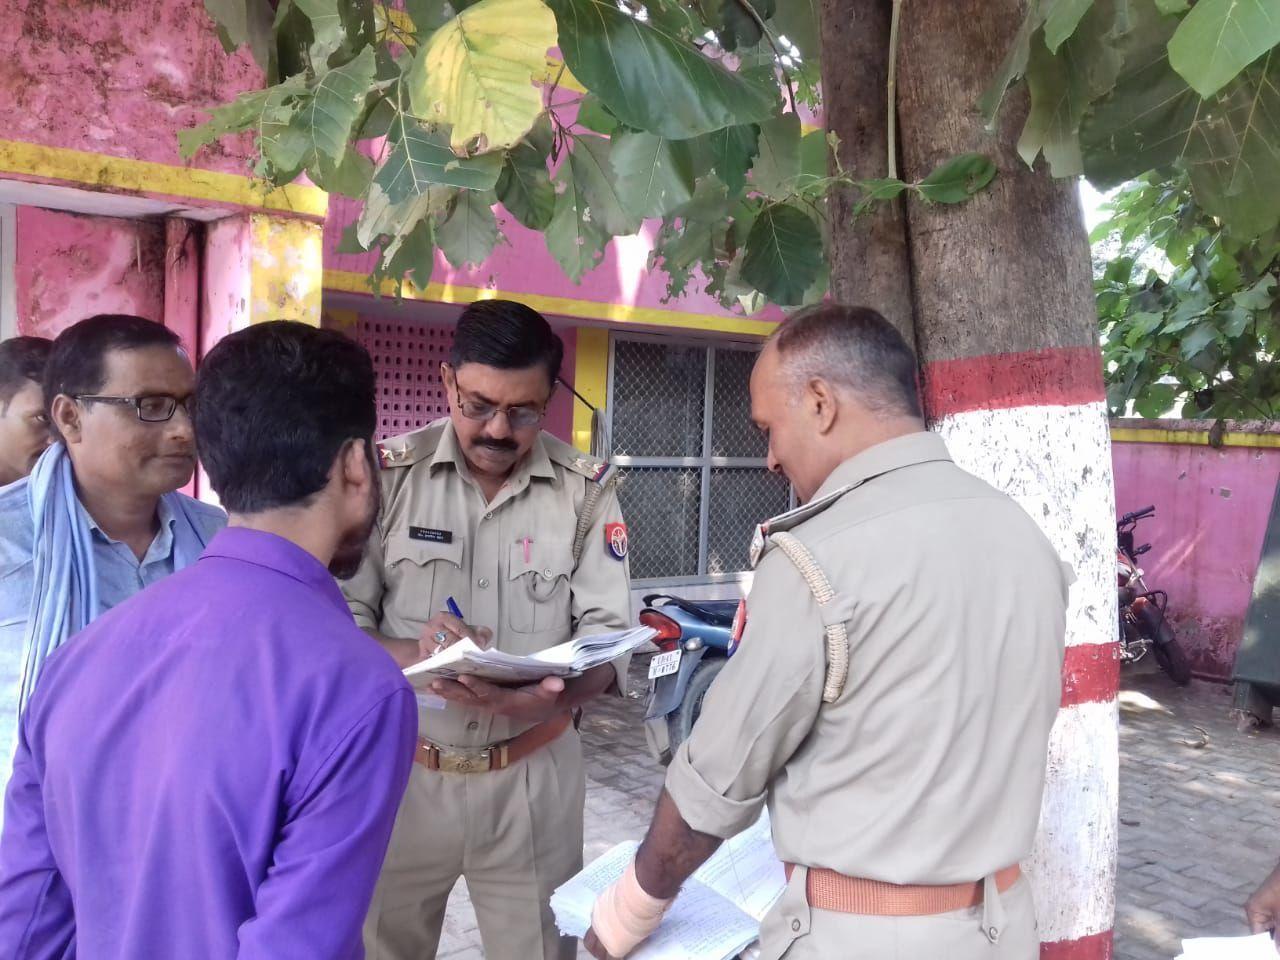 ट्रक में बैठे  खलासी की संदिग्ध परिस्थितियों में मौत, हैदरगढ़ कोतवाली क्षेत्र स्थित टोल प्लाजा पर हुई घटना, मृतक राजस्थान का निवासी